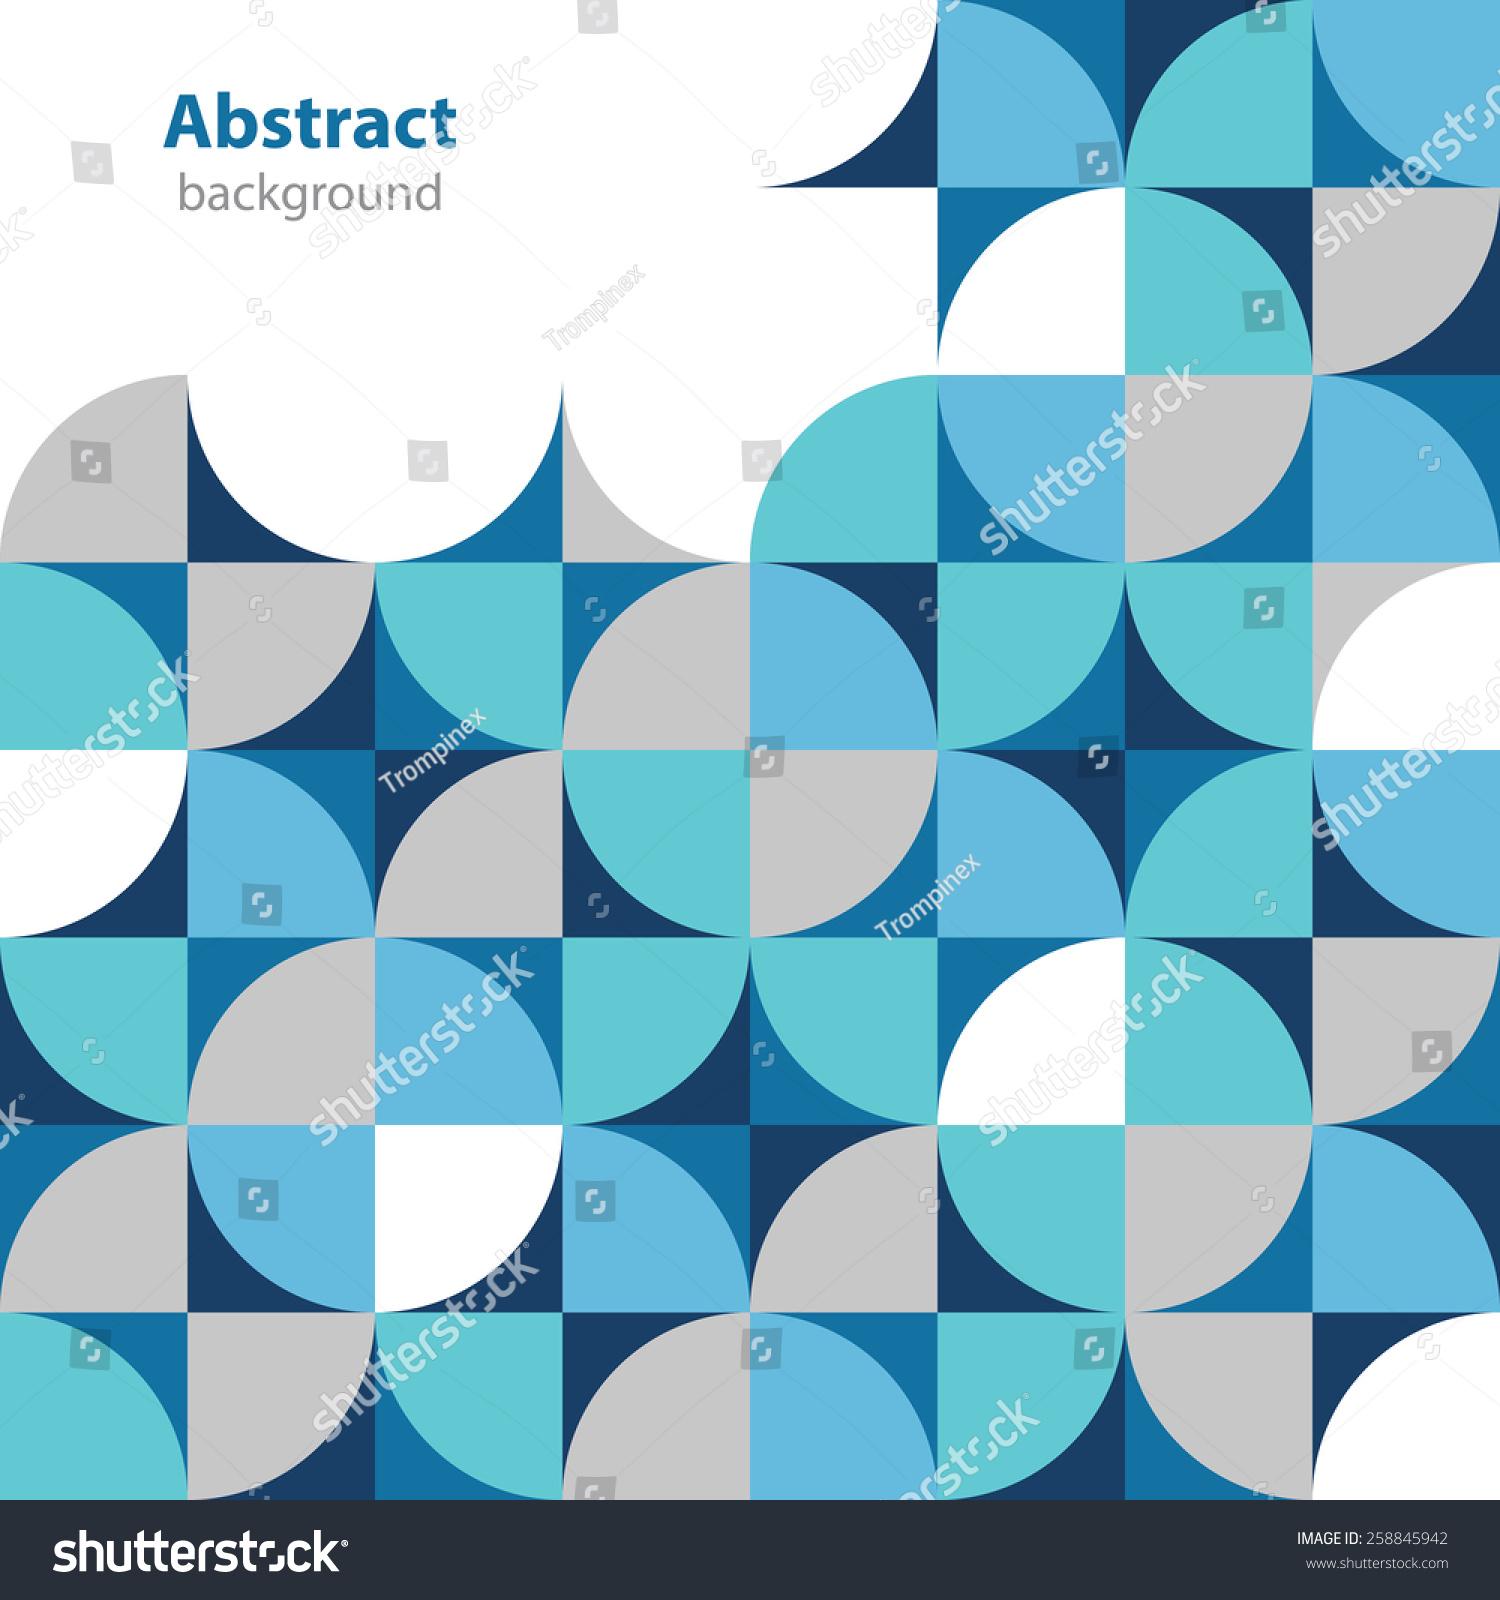 抽象的装饰标签——不同的颜色——几何形状-背景